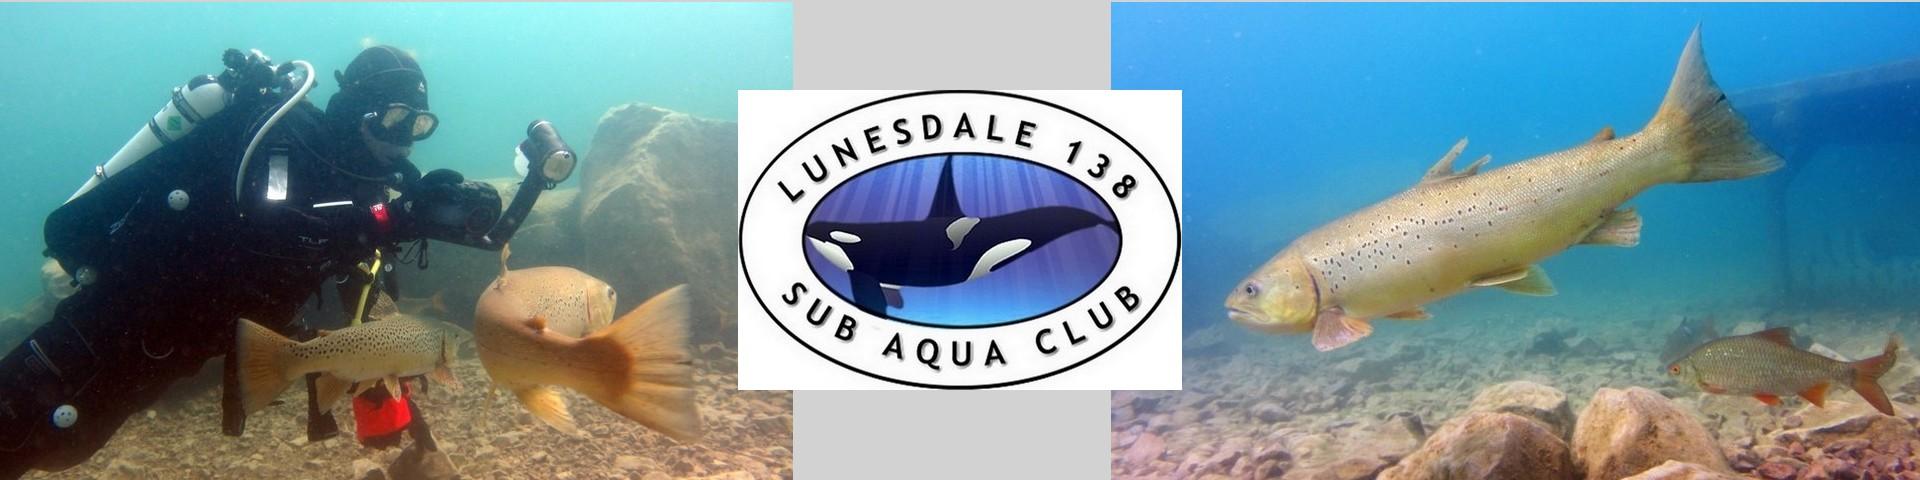 Lunesdale Divers. Scuba Diving Club